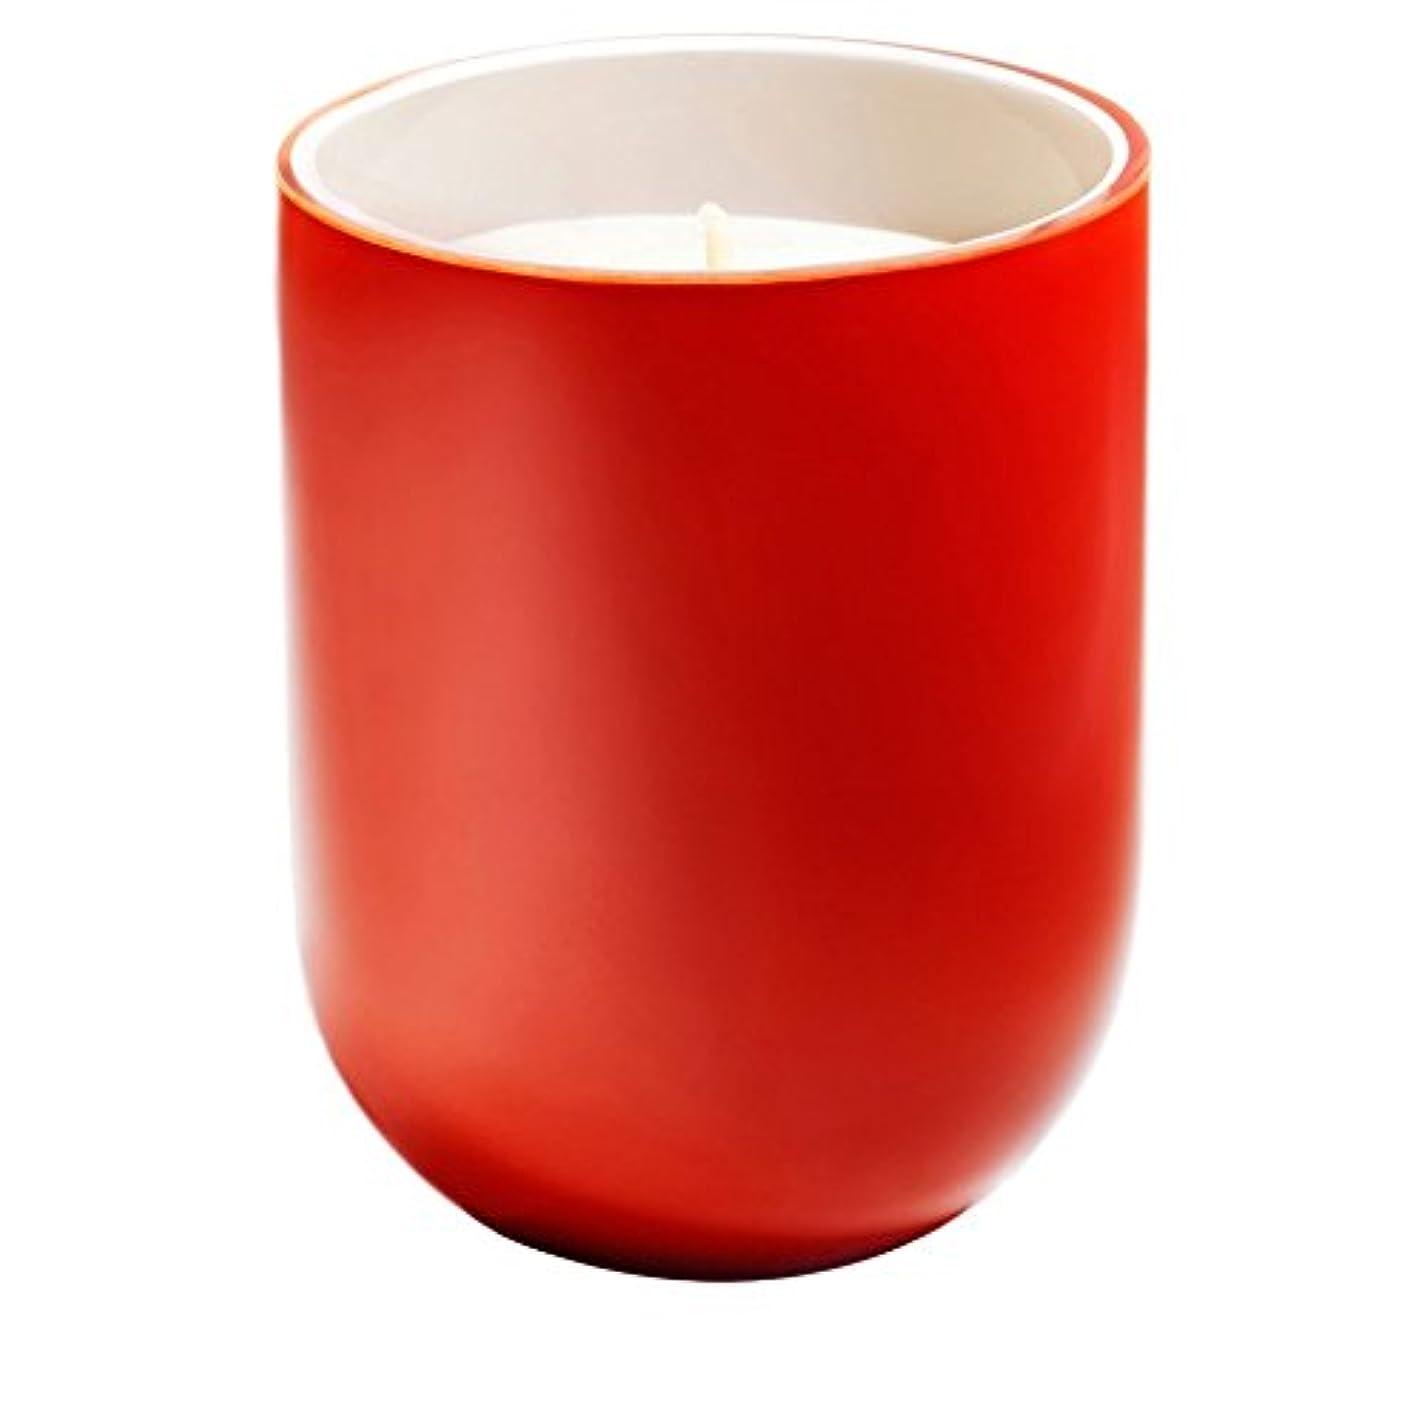 役に立たない大統領メールFrederic Malle Caf? Society Scented Candle (Pack of 2) - フレデリック?マルカフェ社会の香りのキャンドル x2 [並行輸入品]